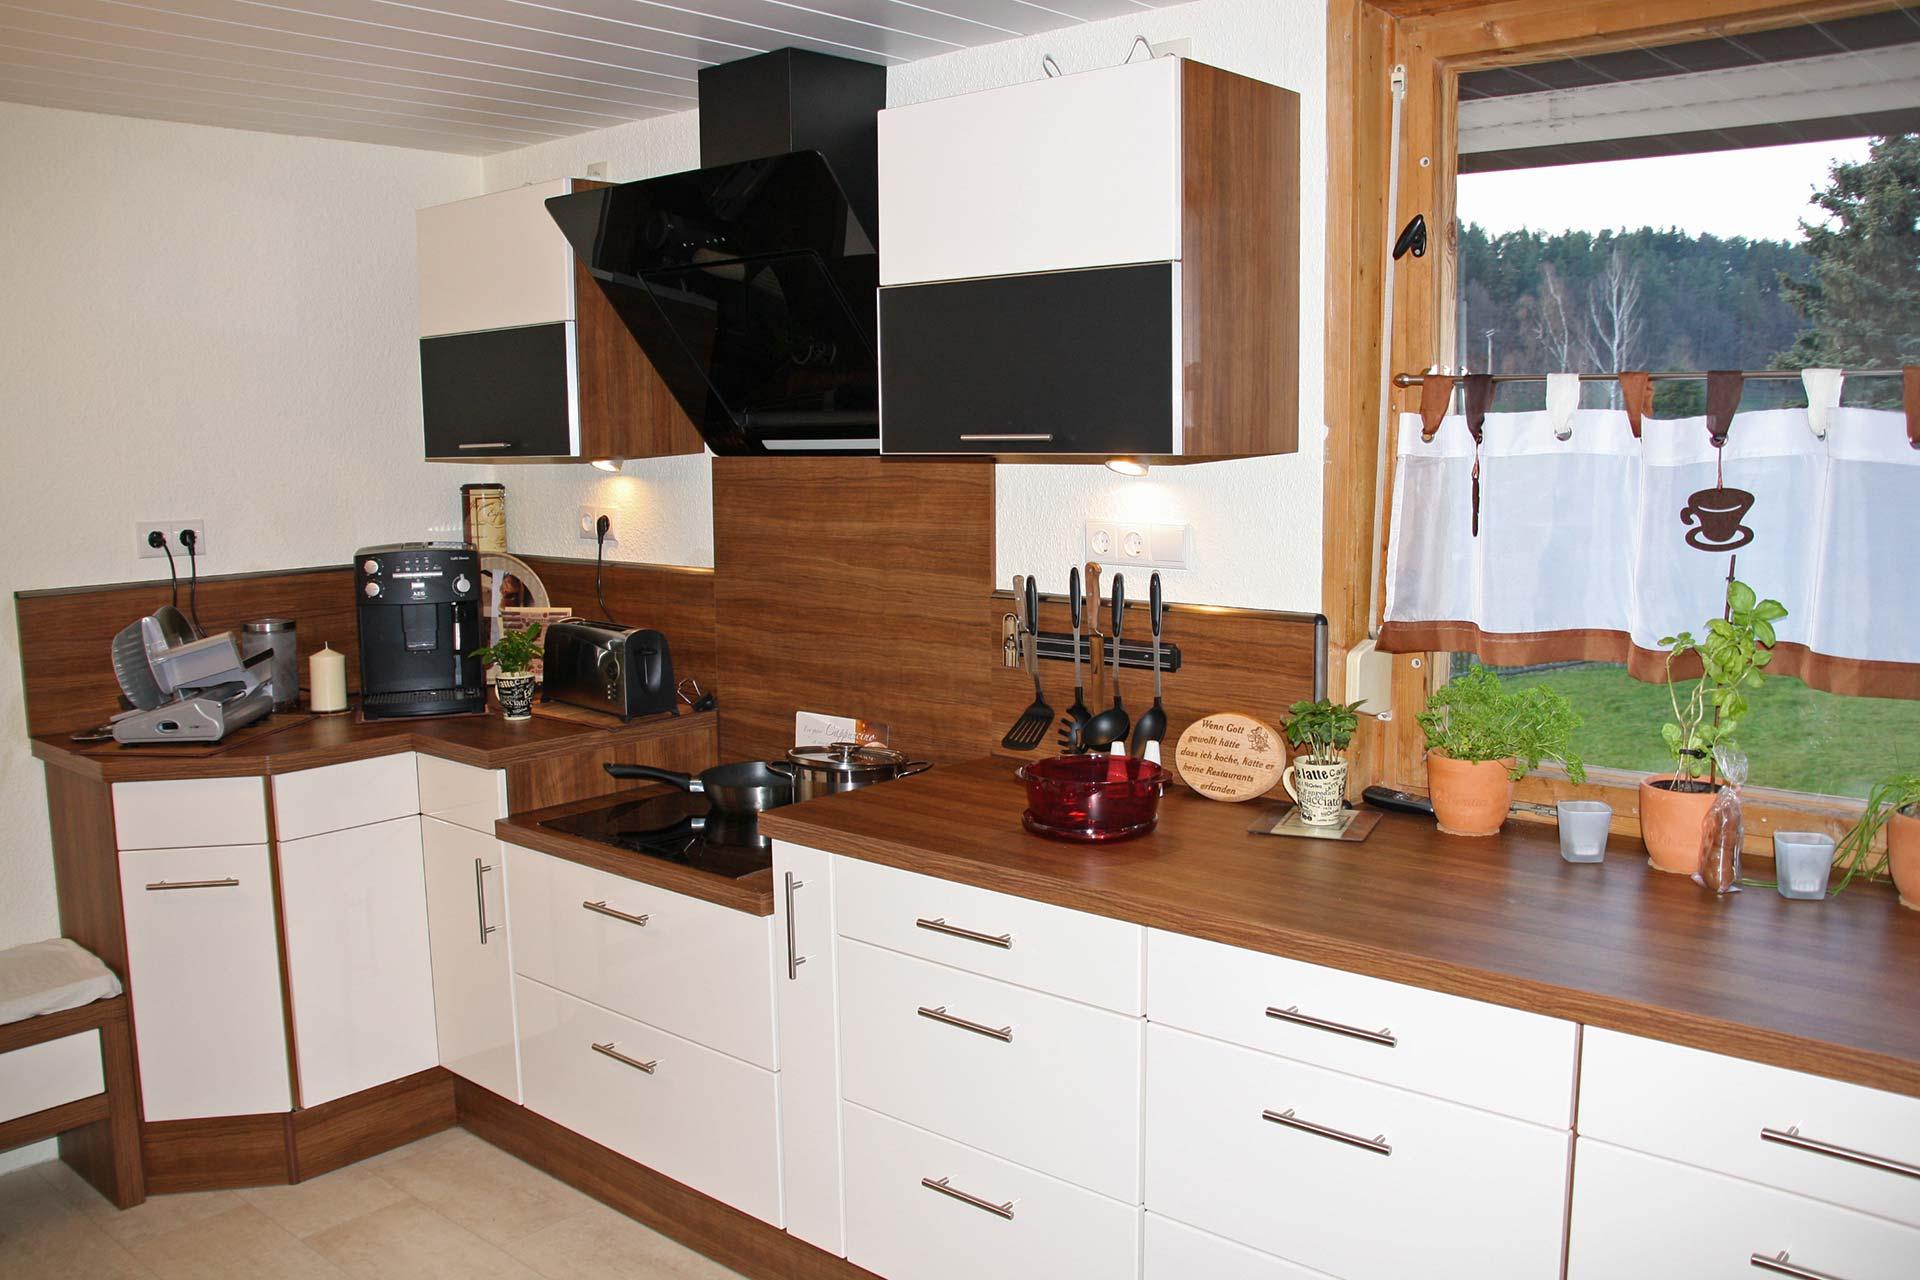 Referenzen - Küche 09